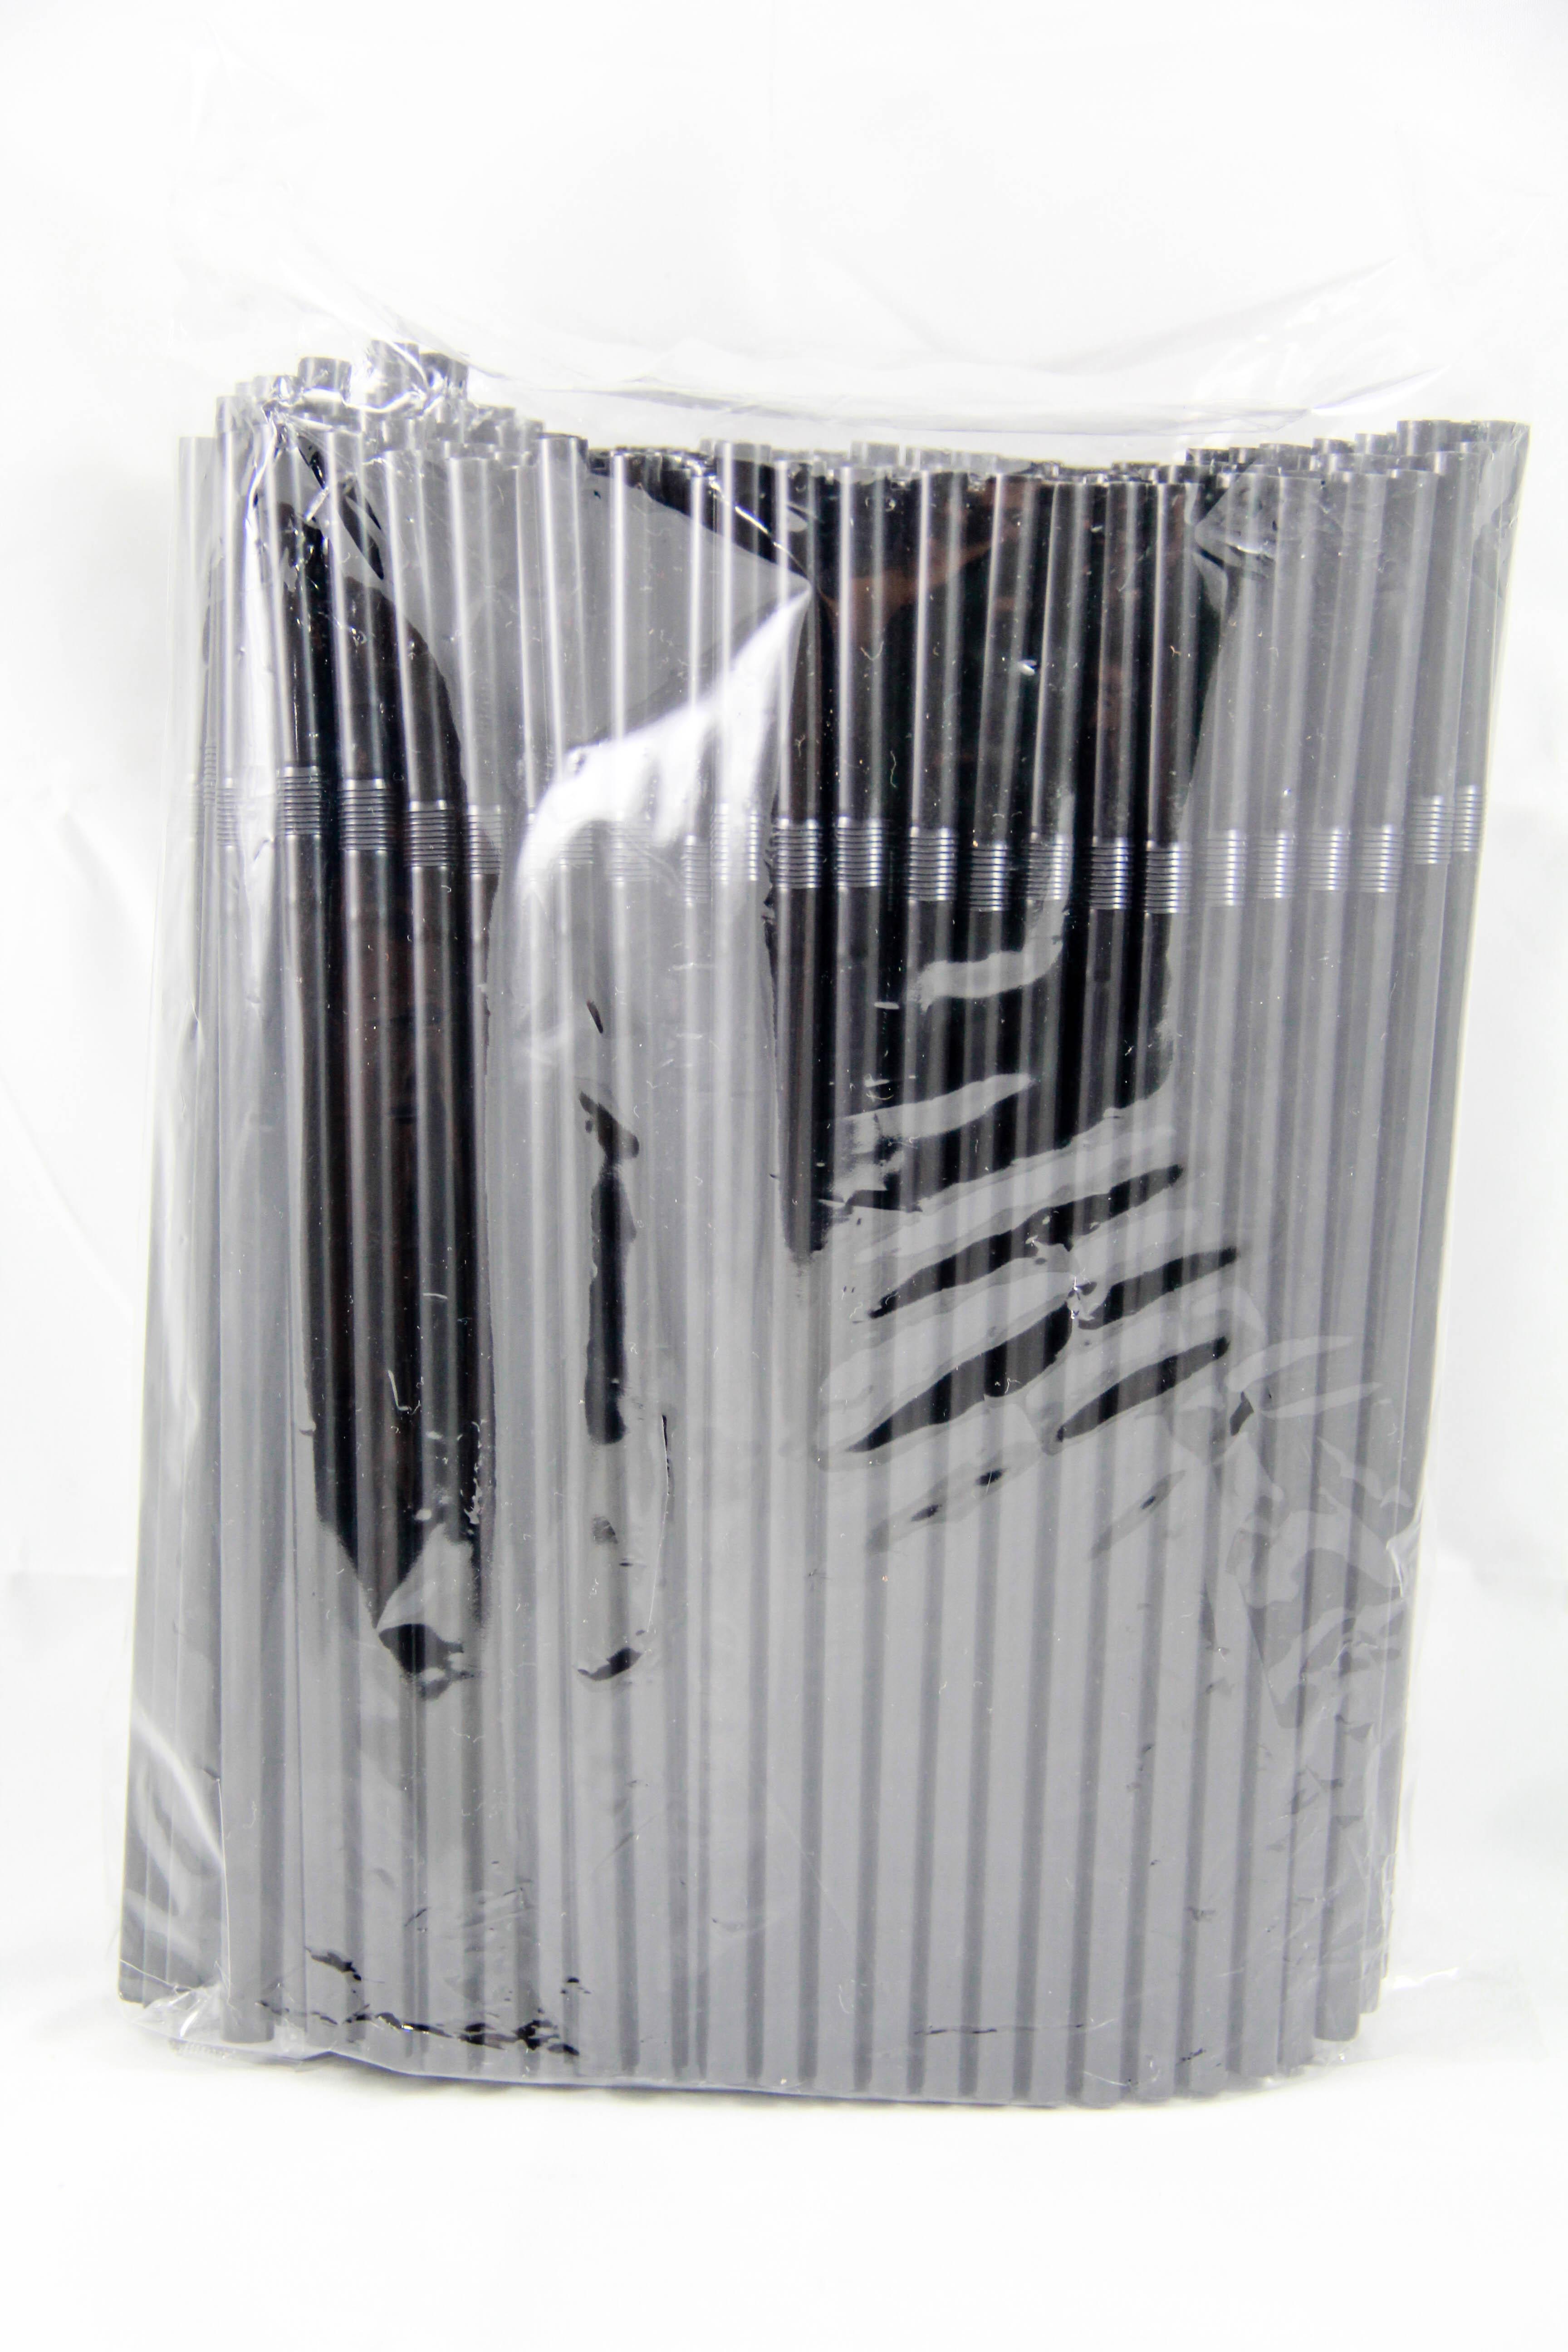 หลอดงอ สีดำ 250-20 แพค/กล่อง